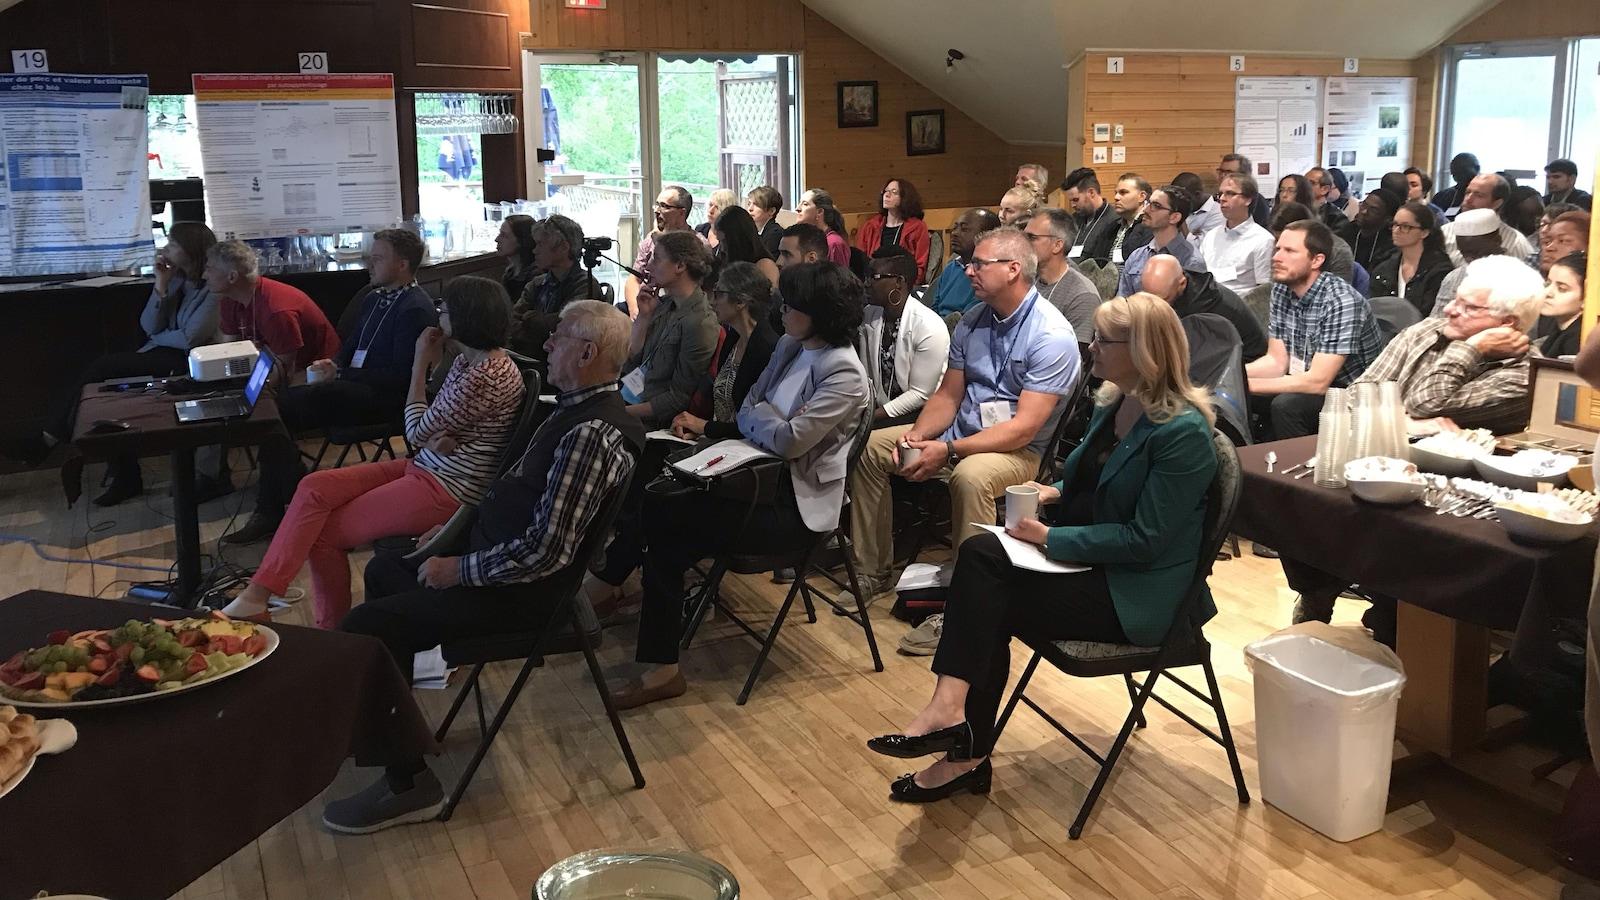 Quelques dizaines de gens écoutent une présentation lors d'un colloque.